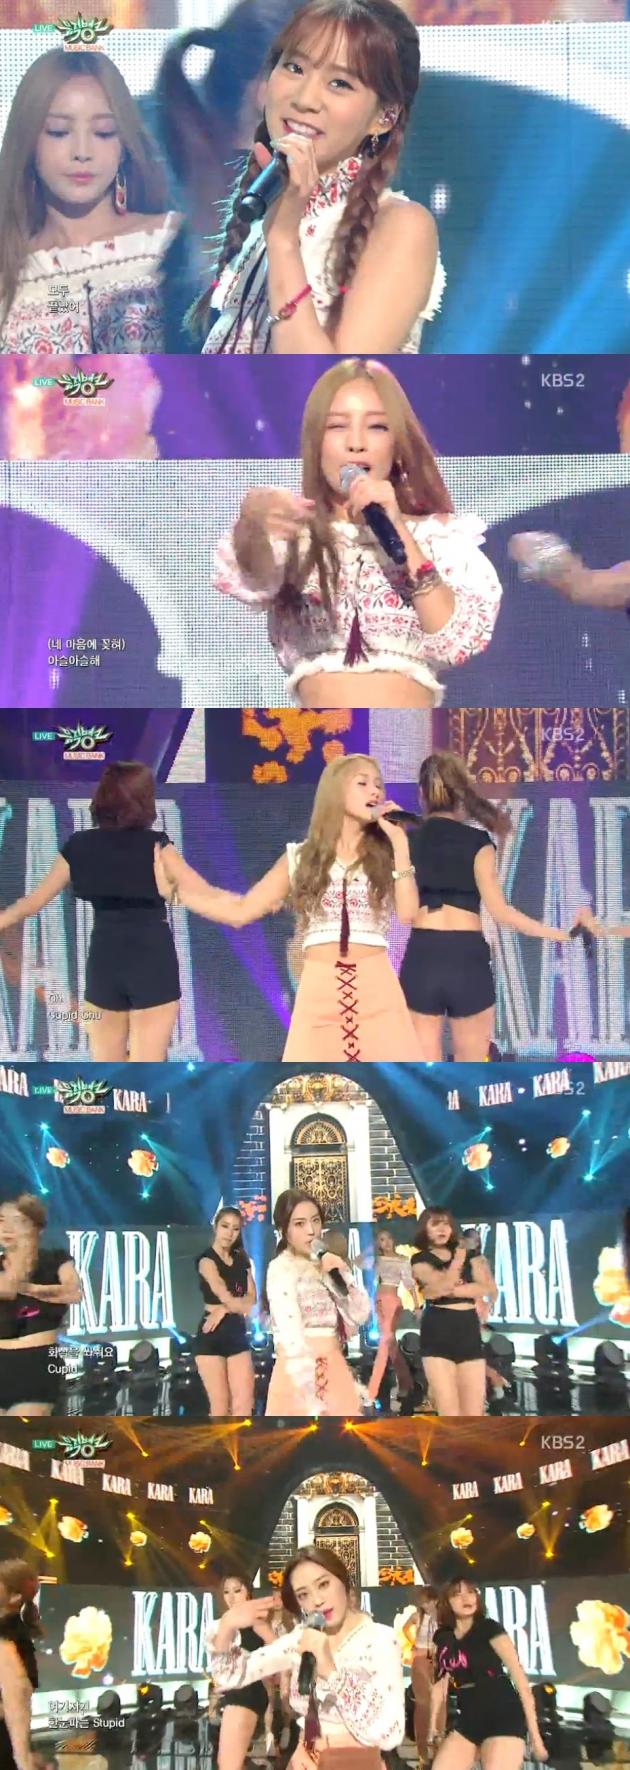 뮤직뱅크 카라 / 뮤직뱅크 카라 사진=KBS2 방송 캡처